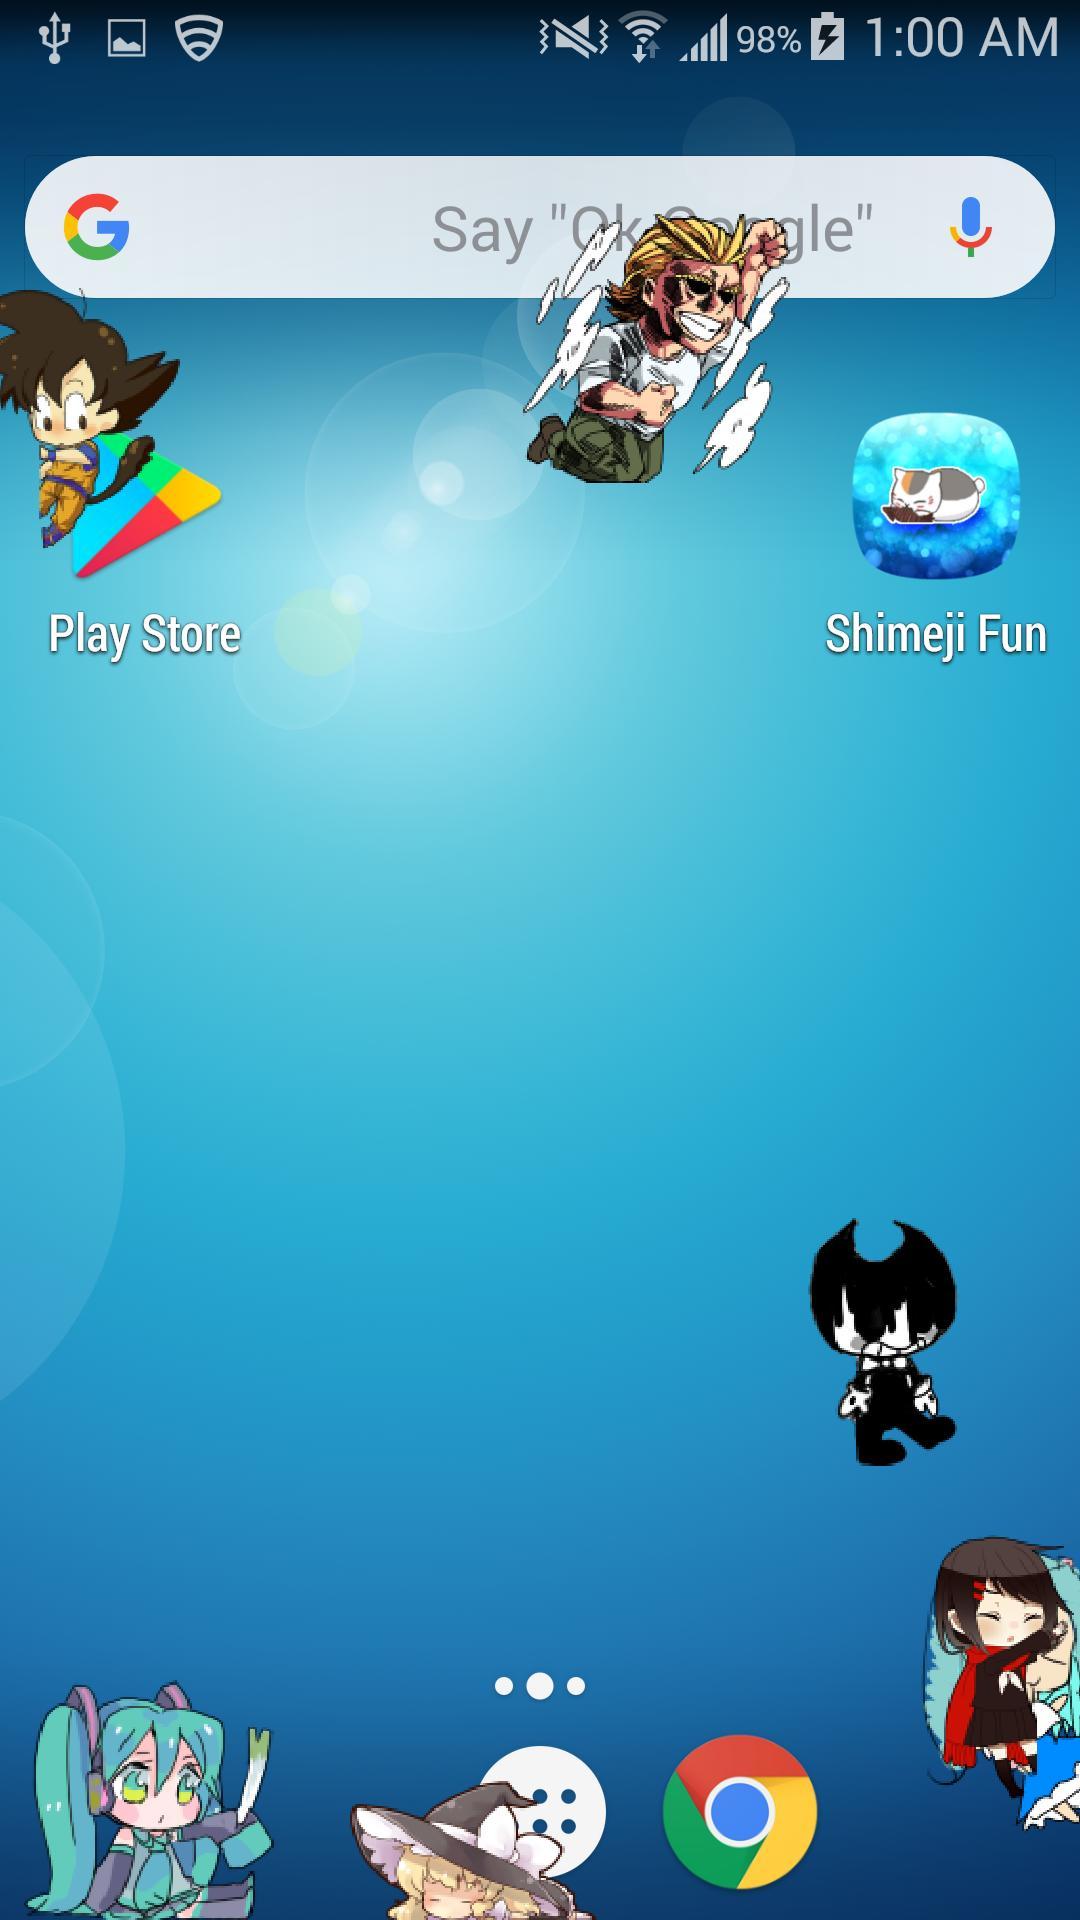 shimeji на андроид